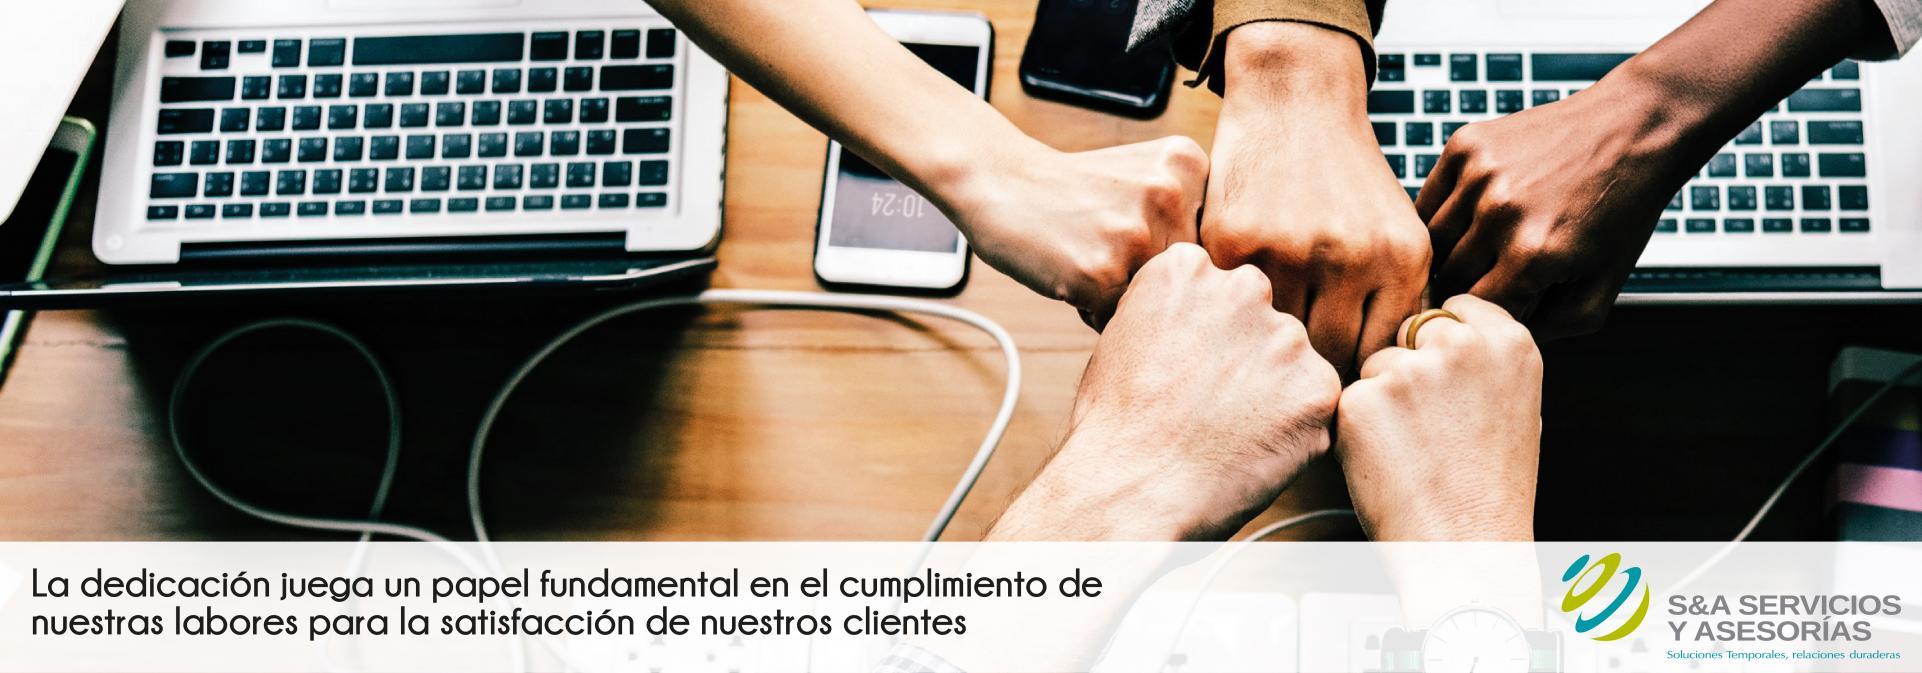 Satisfacción clientes